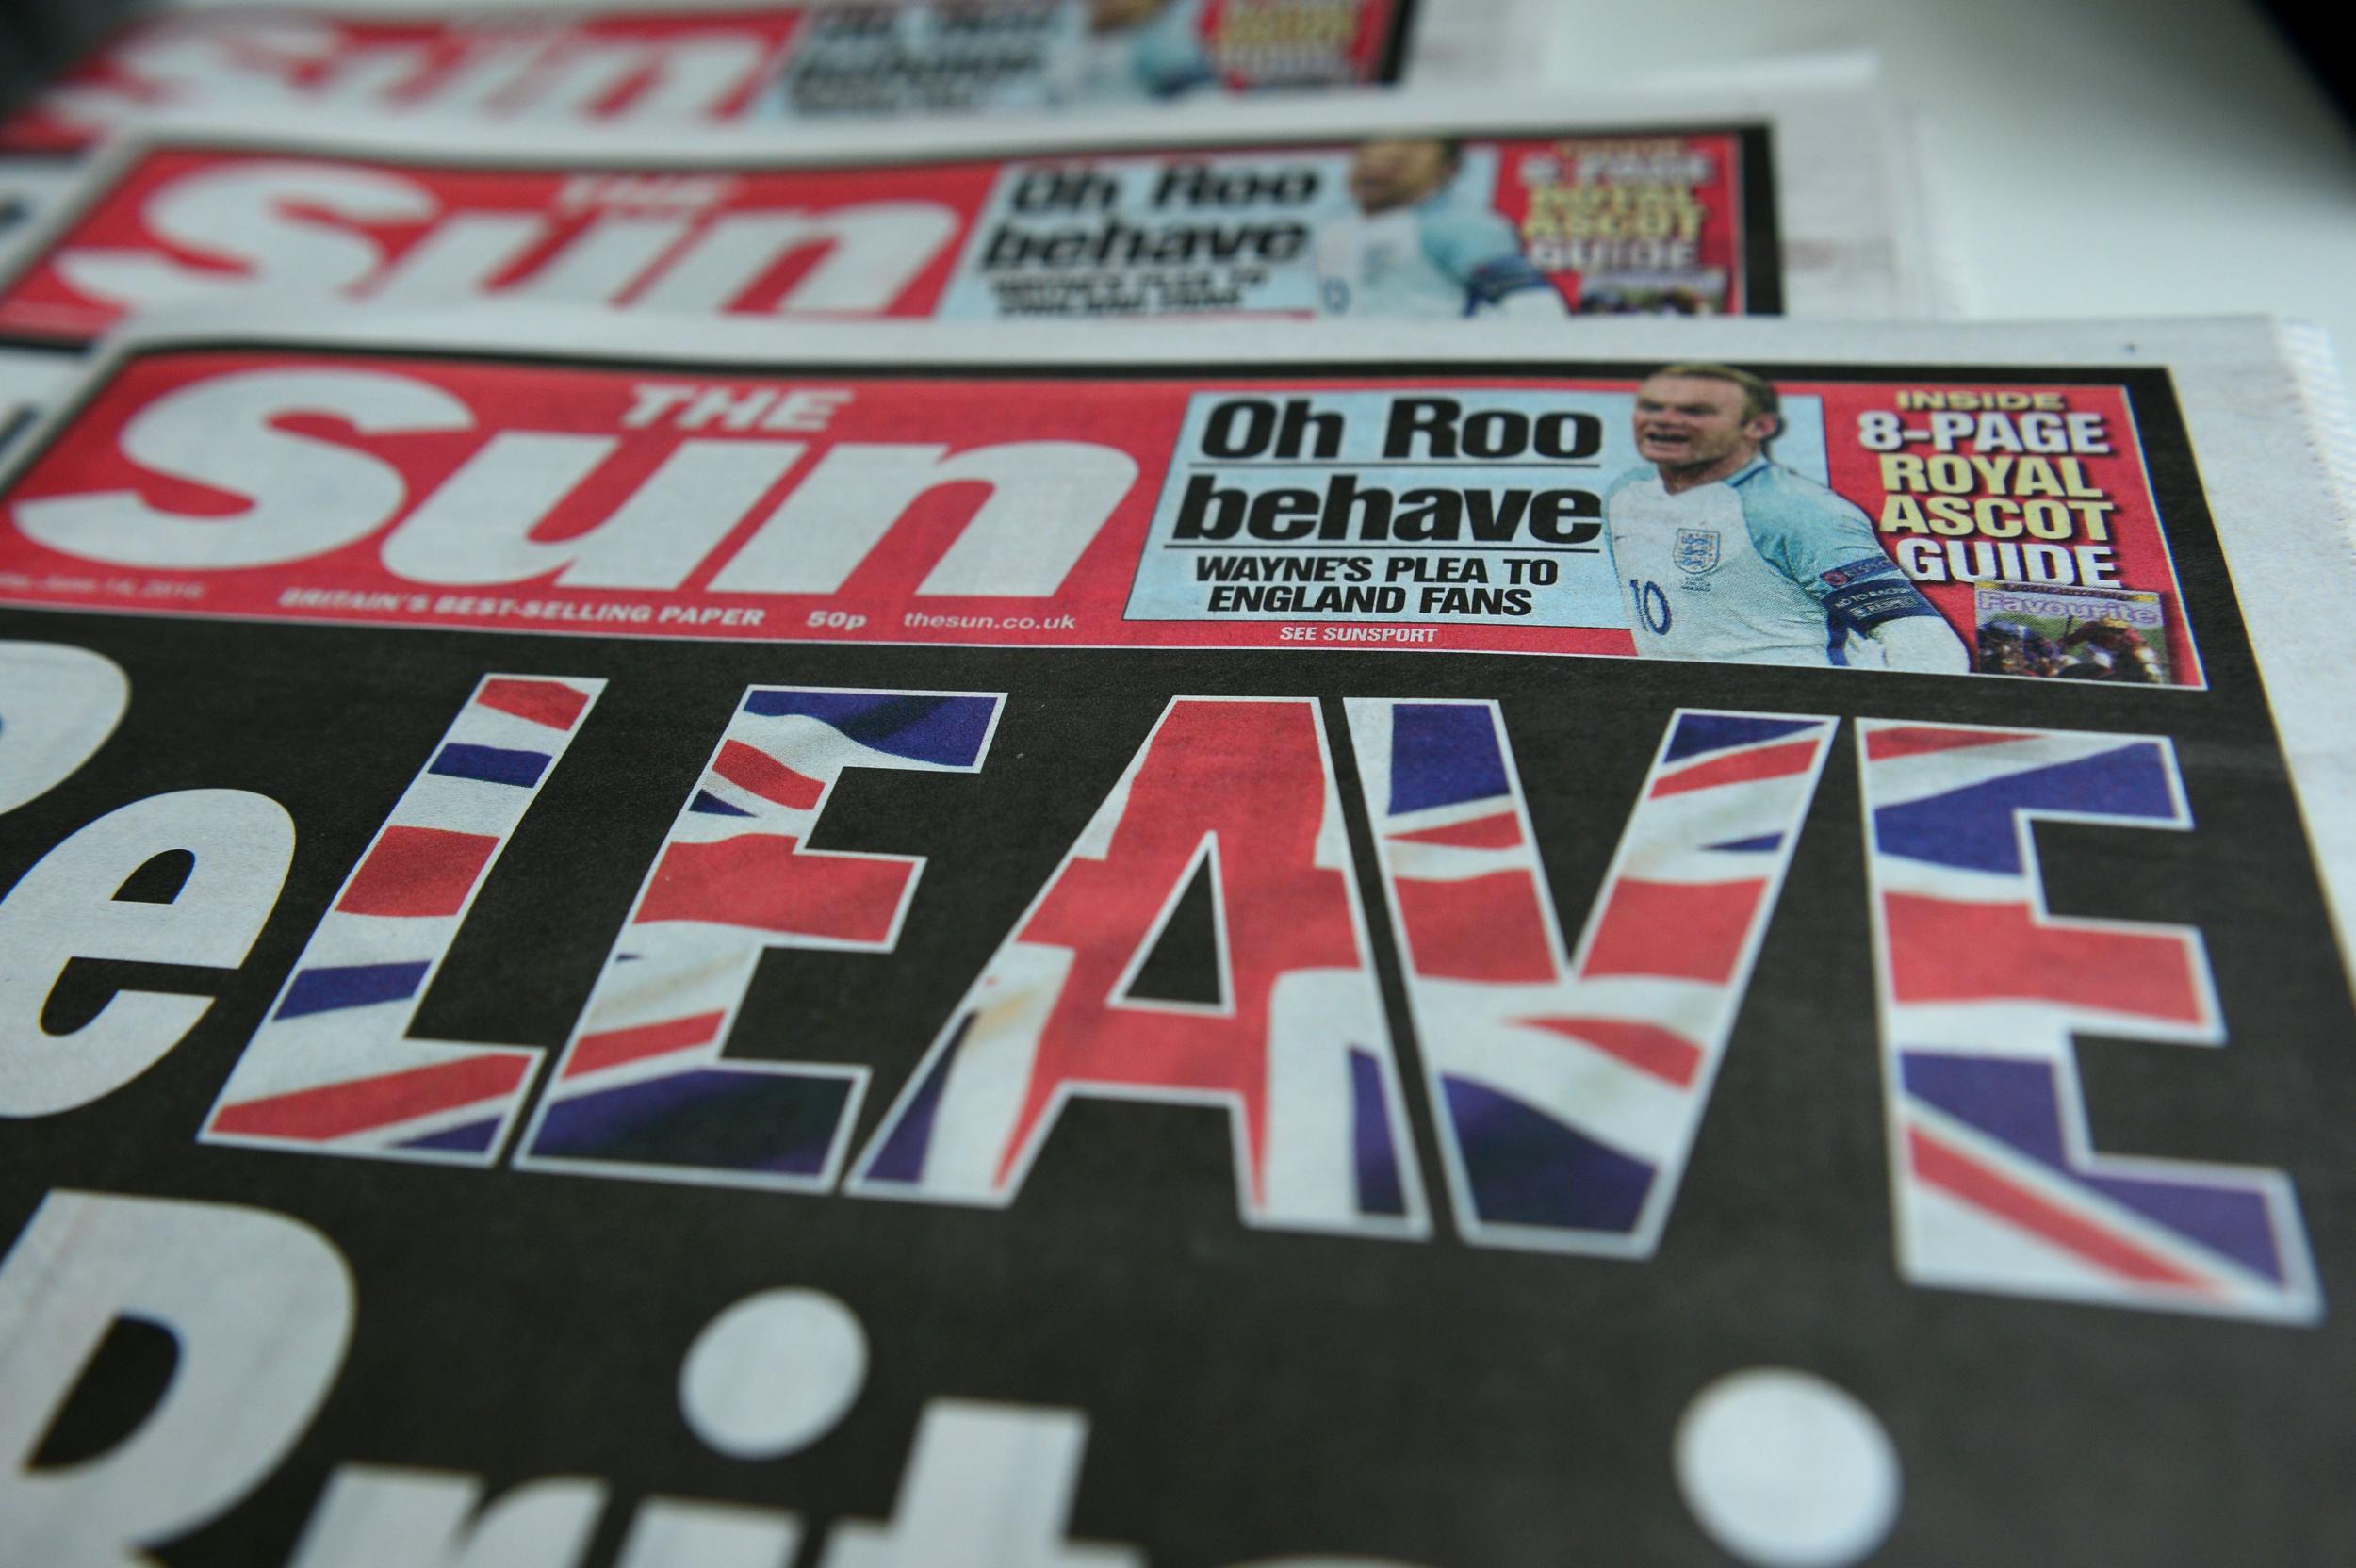 The Sun redaktionell unter Berufung auf Mord an Jo Cox in Warnung vor Brexit-Ausschreitungen, die von Abgeordneten und dem ehemaligen Redakteur - The Independent - verurteilt wurden